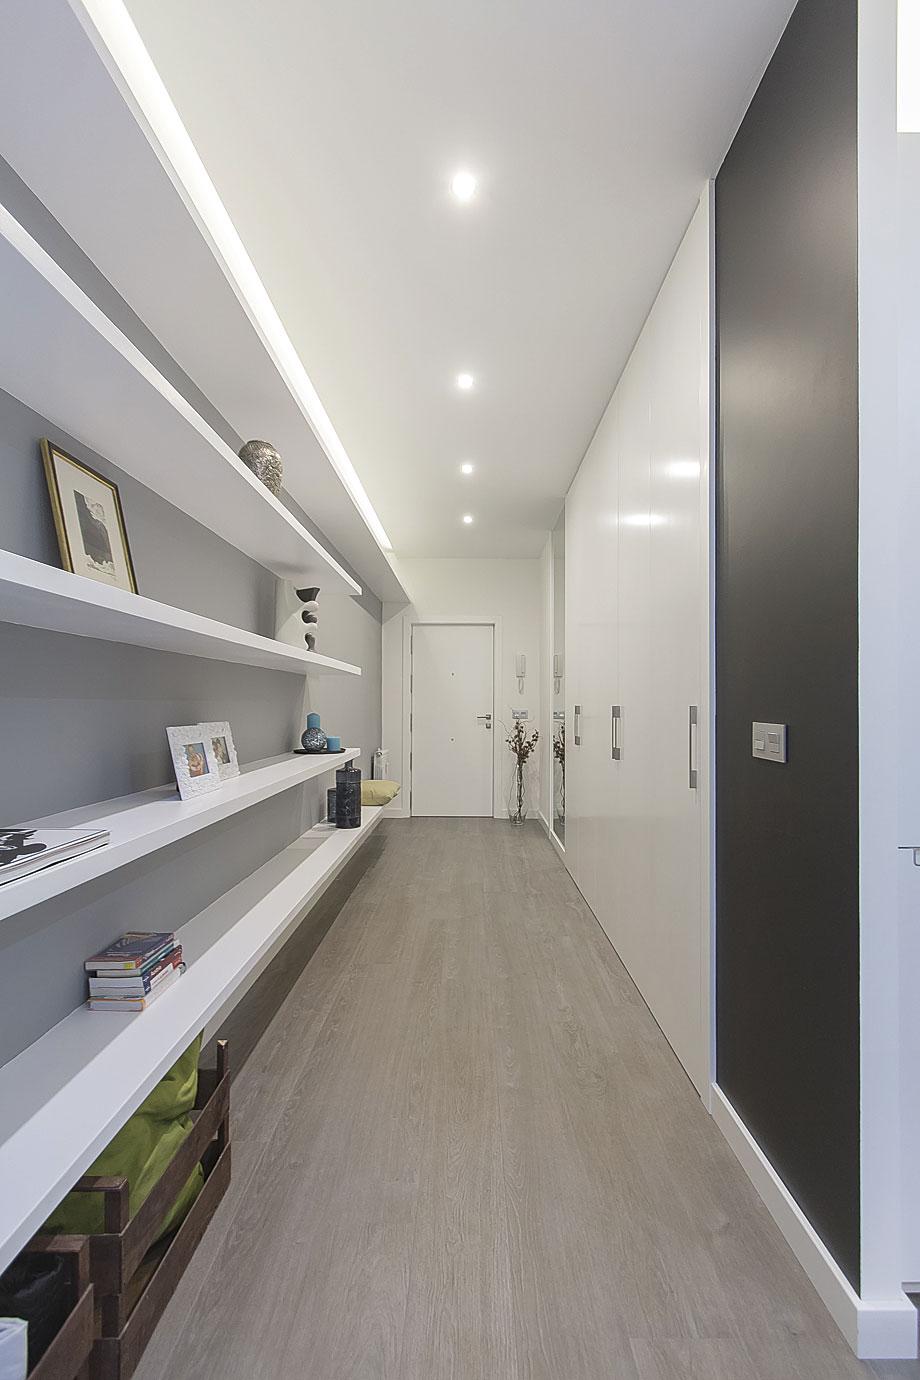 diseño-interior-vivienda-madrid-amasl-estudio-artycocina-santos (11)